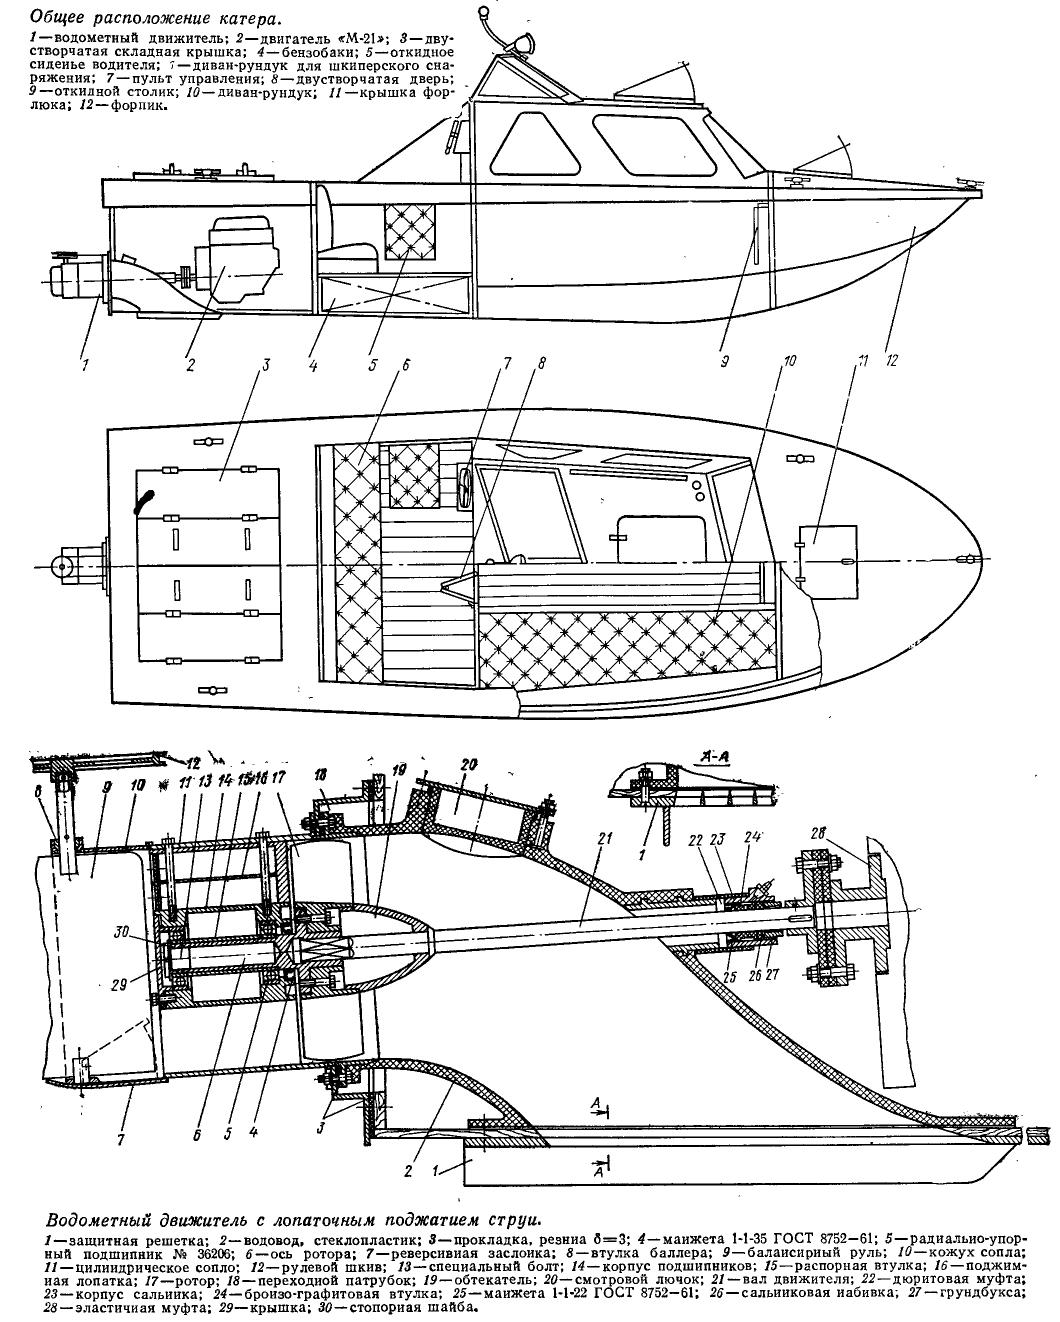 Установка водометного движителя на лодку